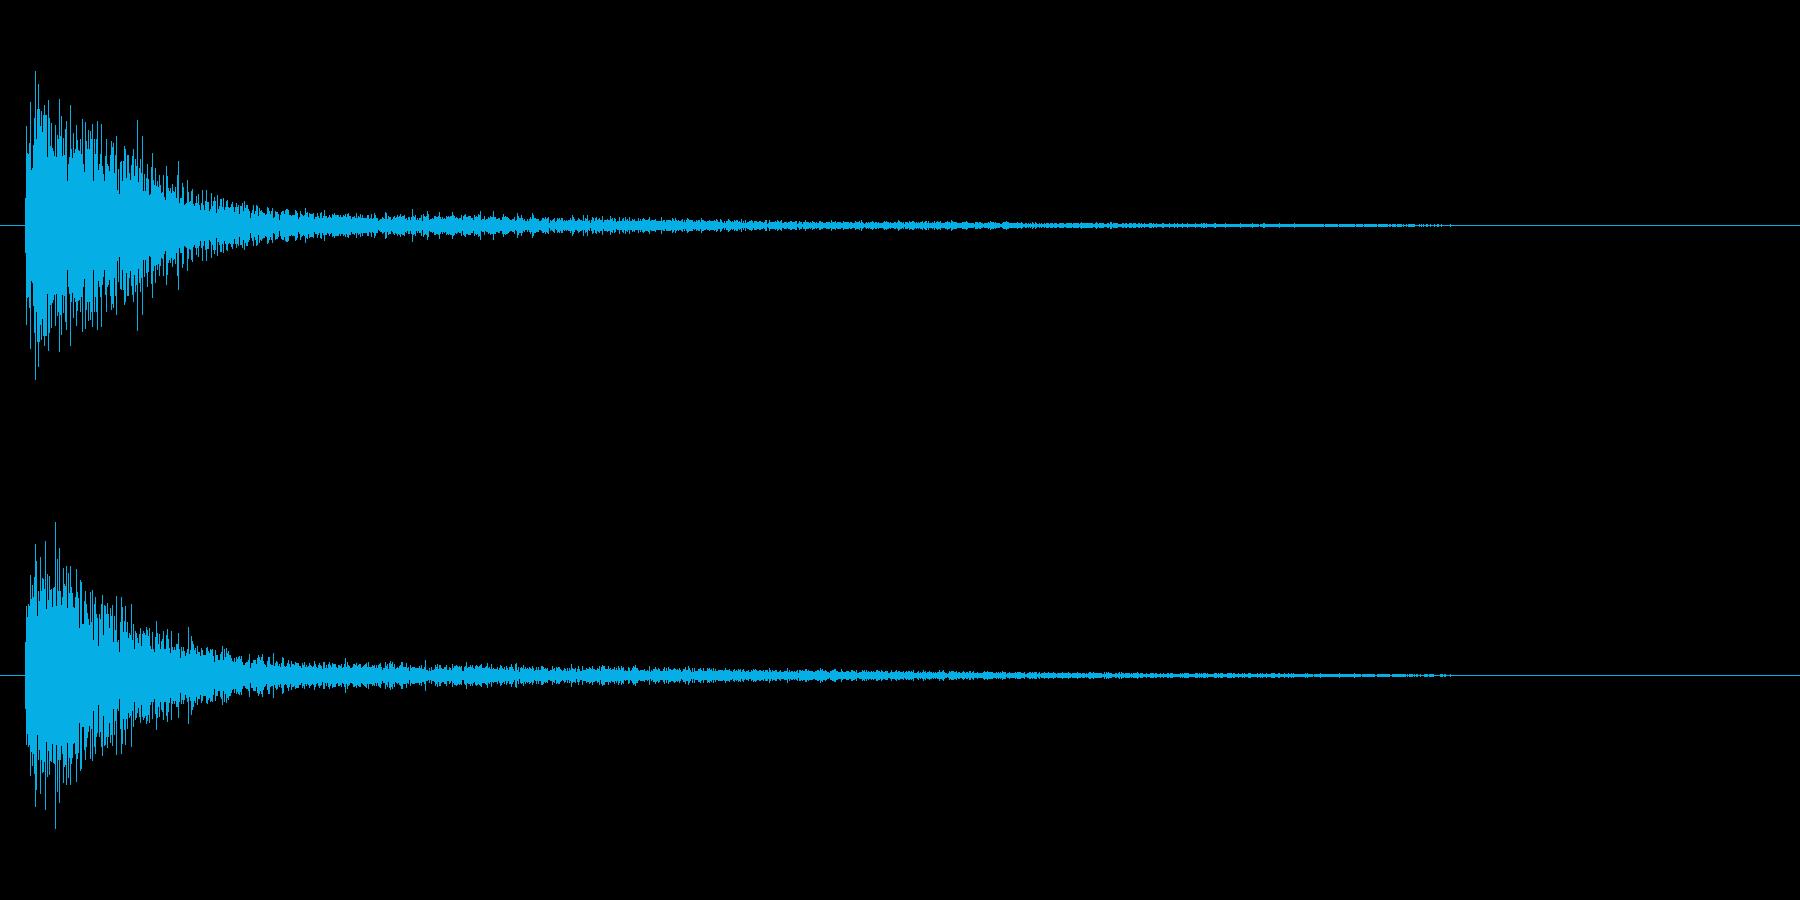 ピアノ効果音 高めのガーン 衝撃 驚愕の再生済みの波形